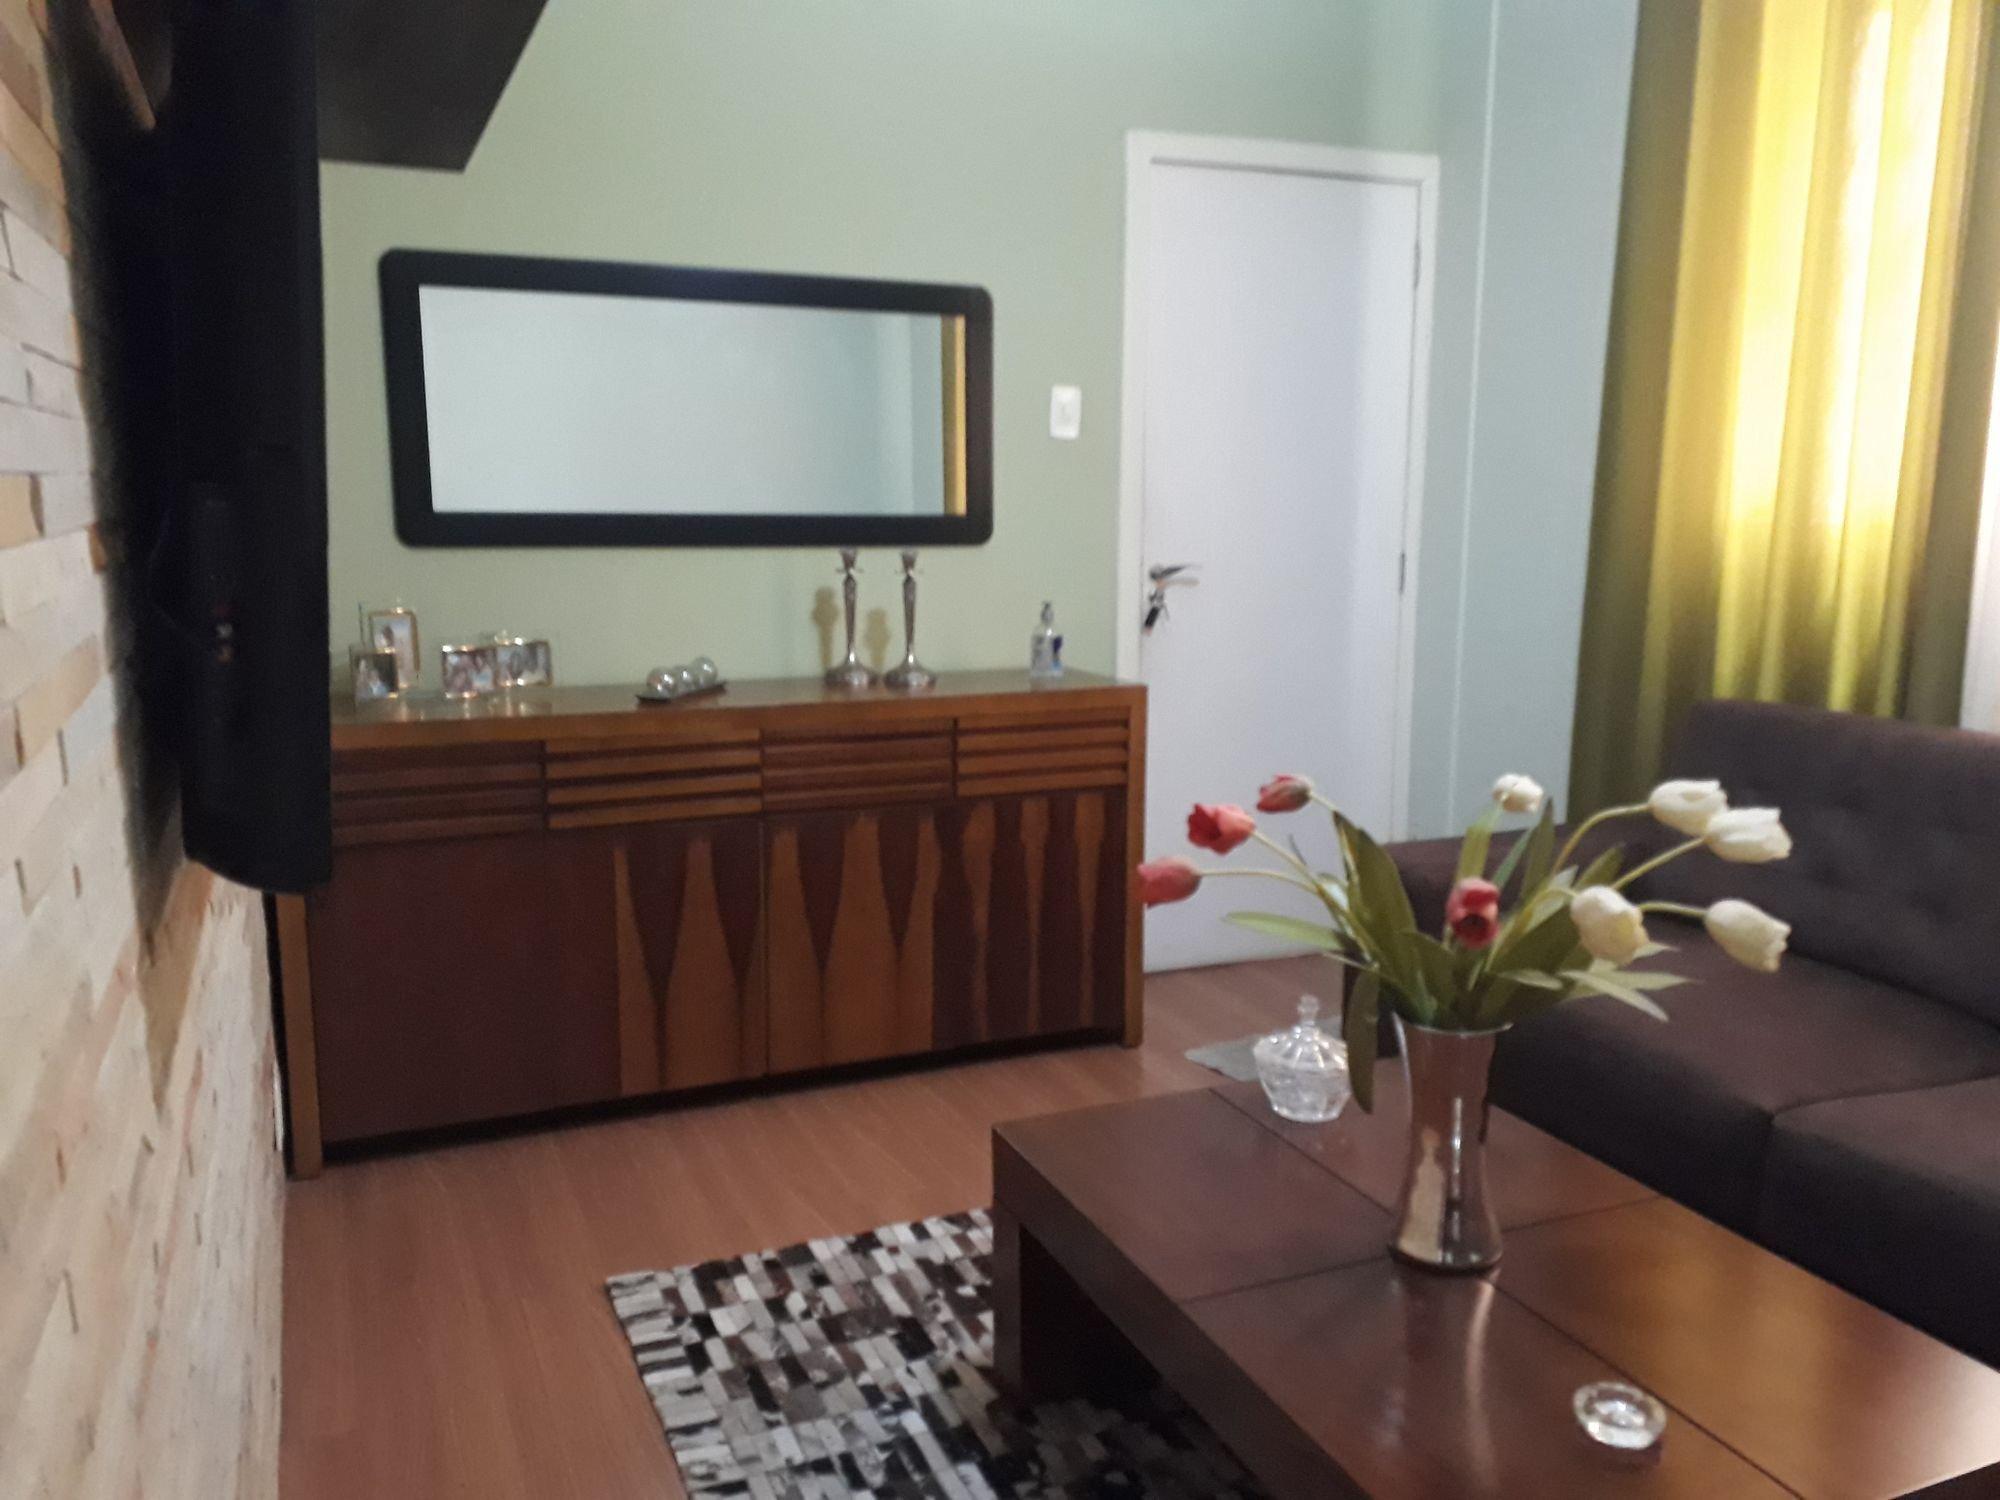 Foto de Sala com vaso de planta, televisão, vaso